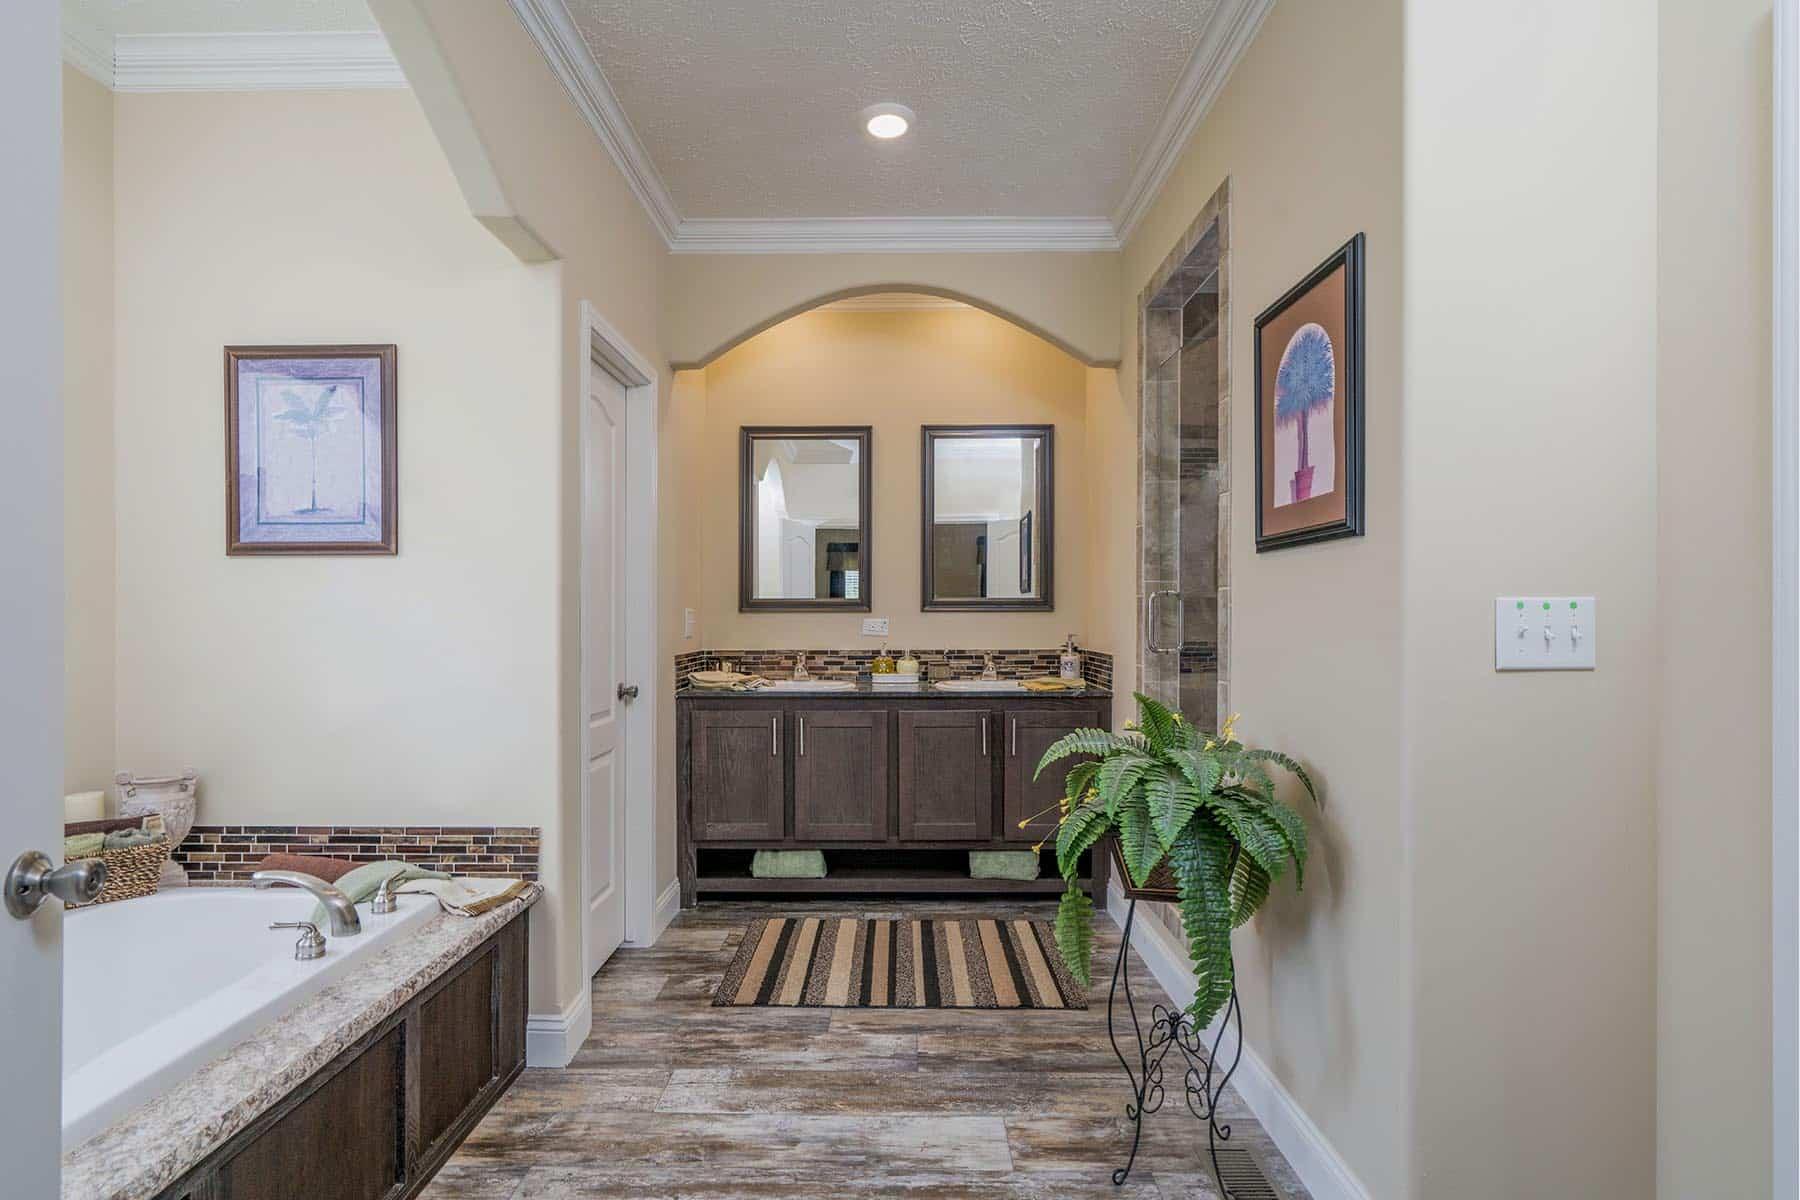 Archdale 3266-01 master bathroom 2